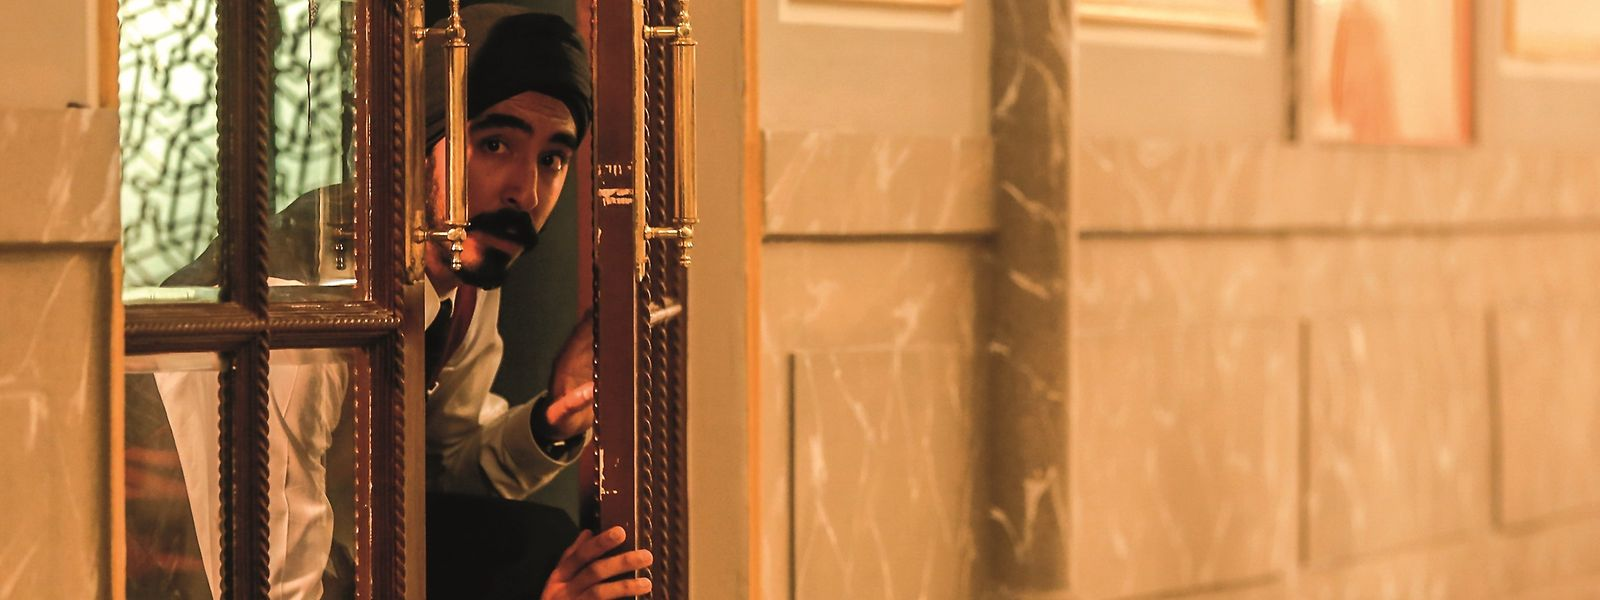 Kellner Arjun (Dev Patel) versucht, unter Einsatz seines Lebens, die Gäste vor den Angreifern zu retten.